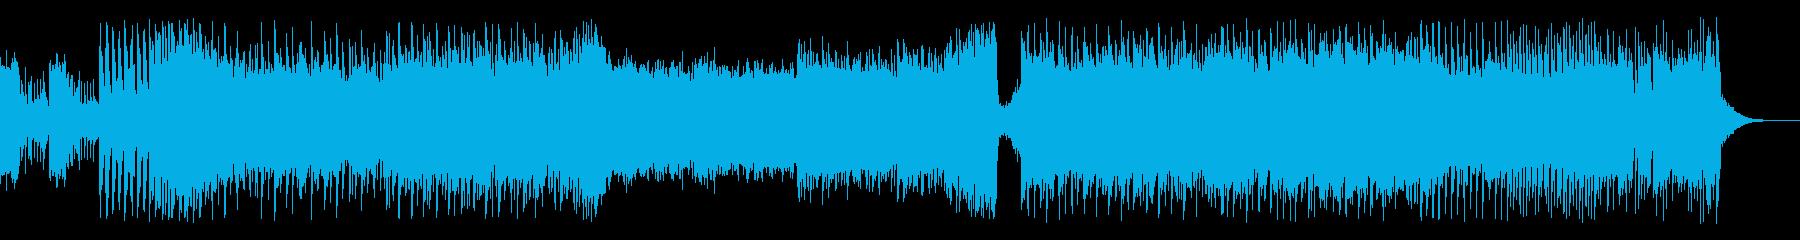 三味線と尺八の四つ打ち和風ハードロックの再生済みの波形